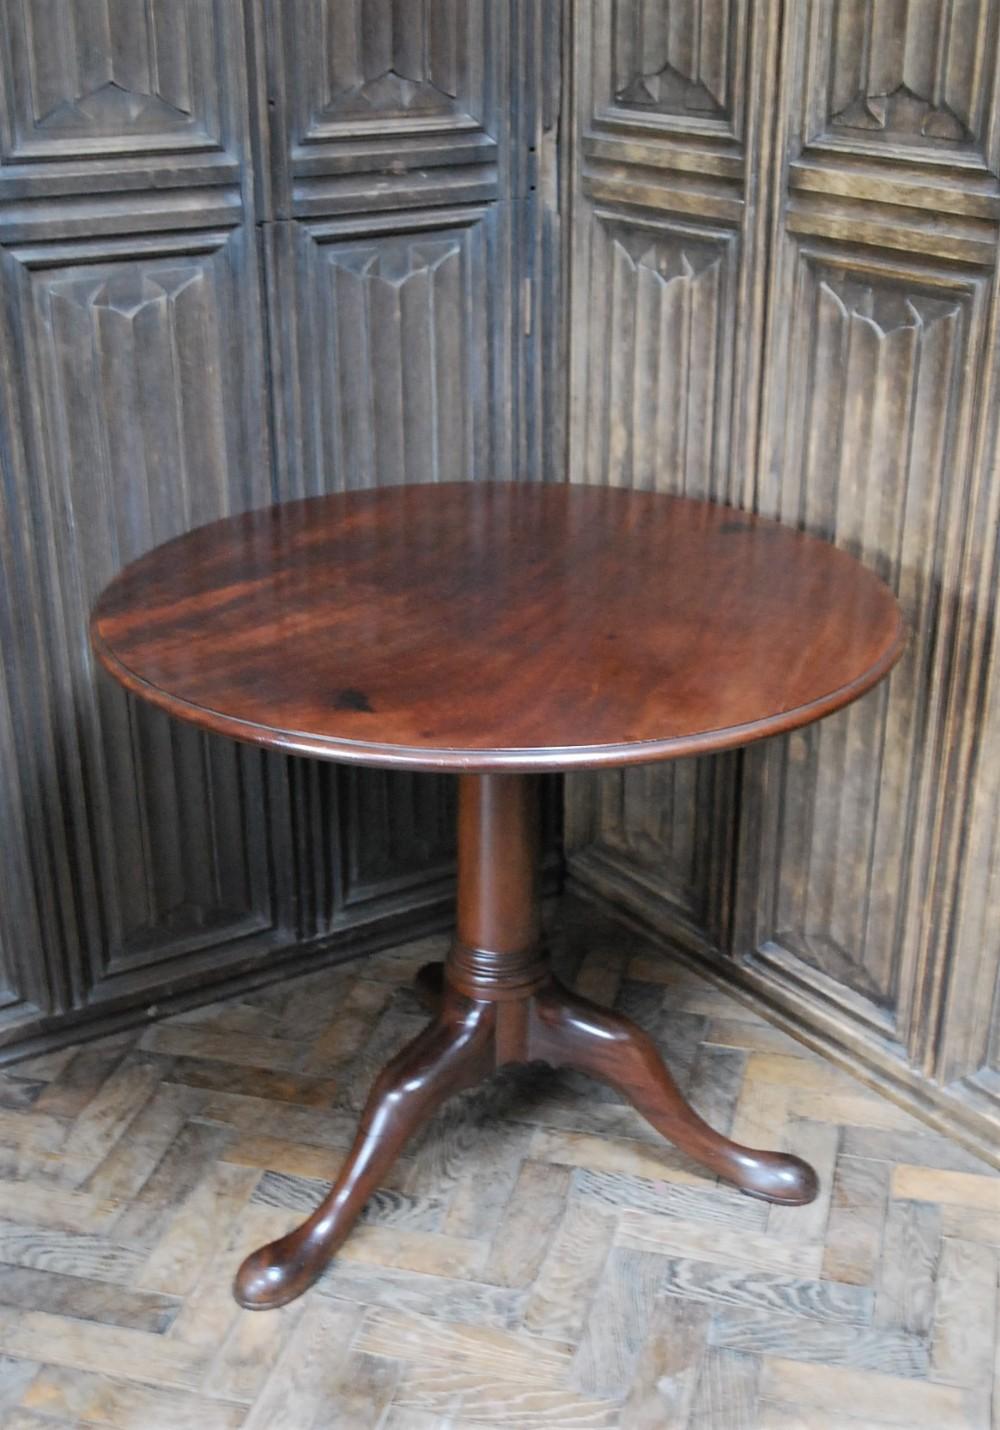 cuban mahogany tilt top tripod table